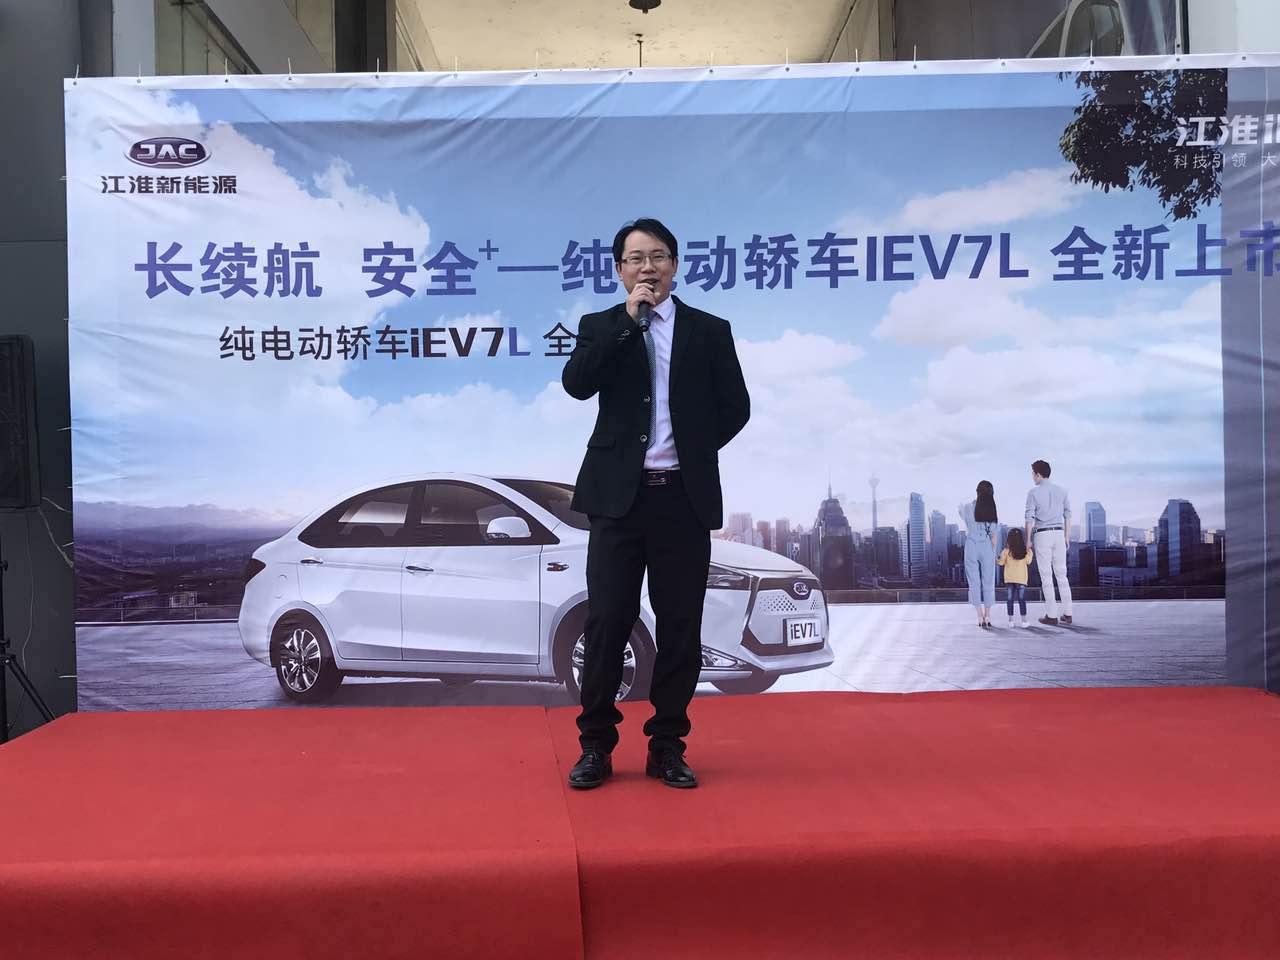 江淮新能源7L杭州和悦店正式上市